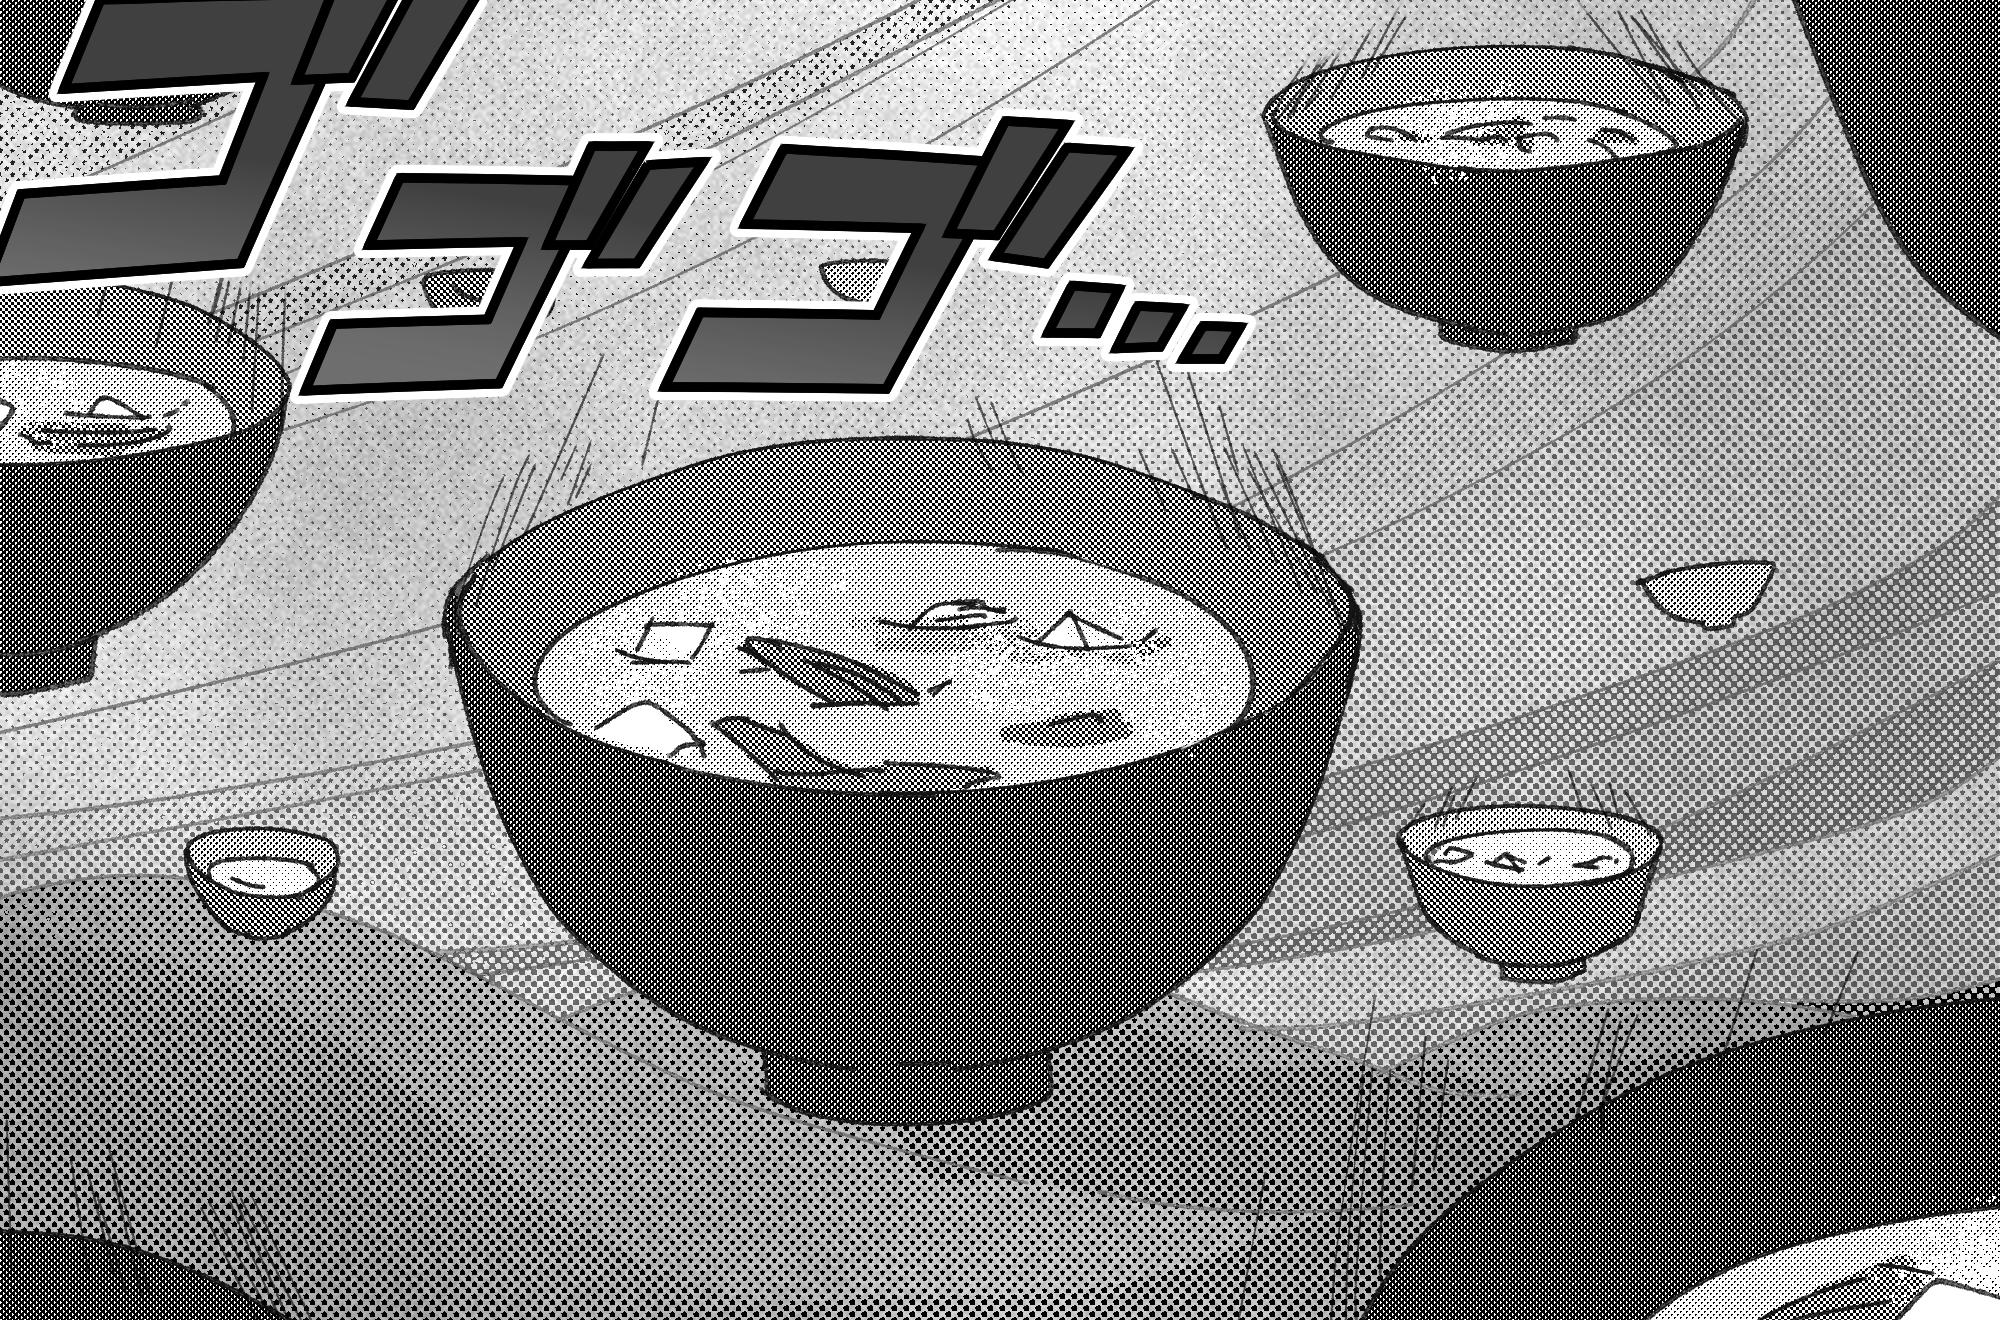 味噌汁の襲撃